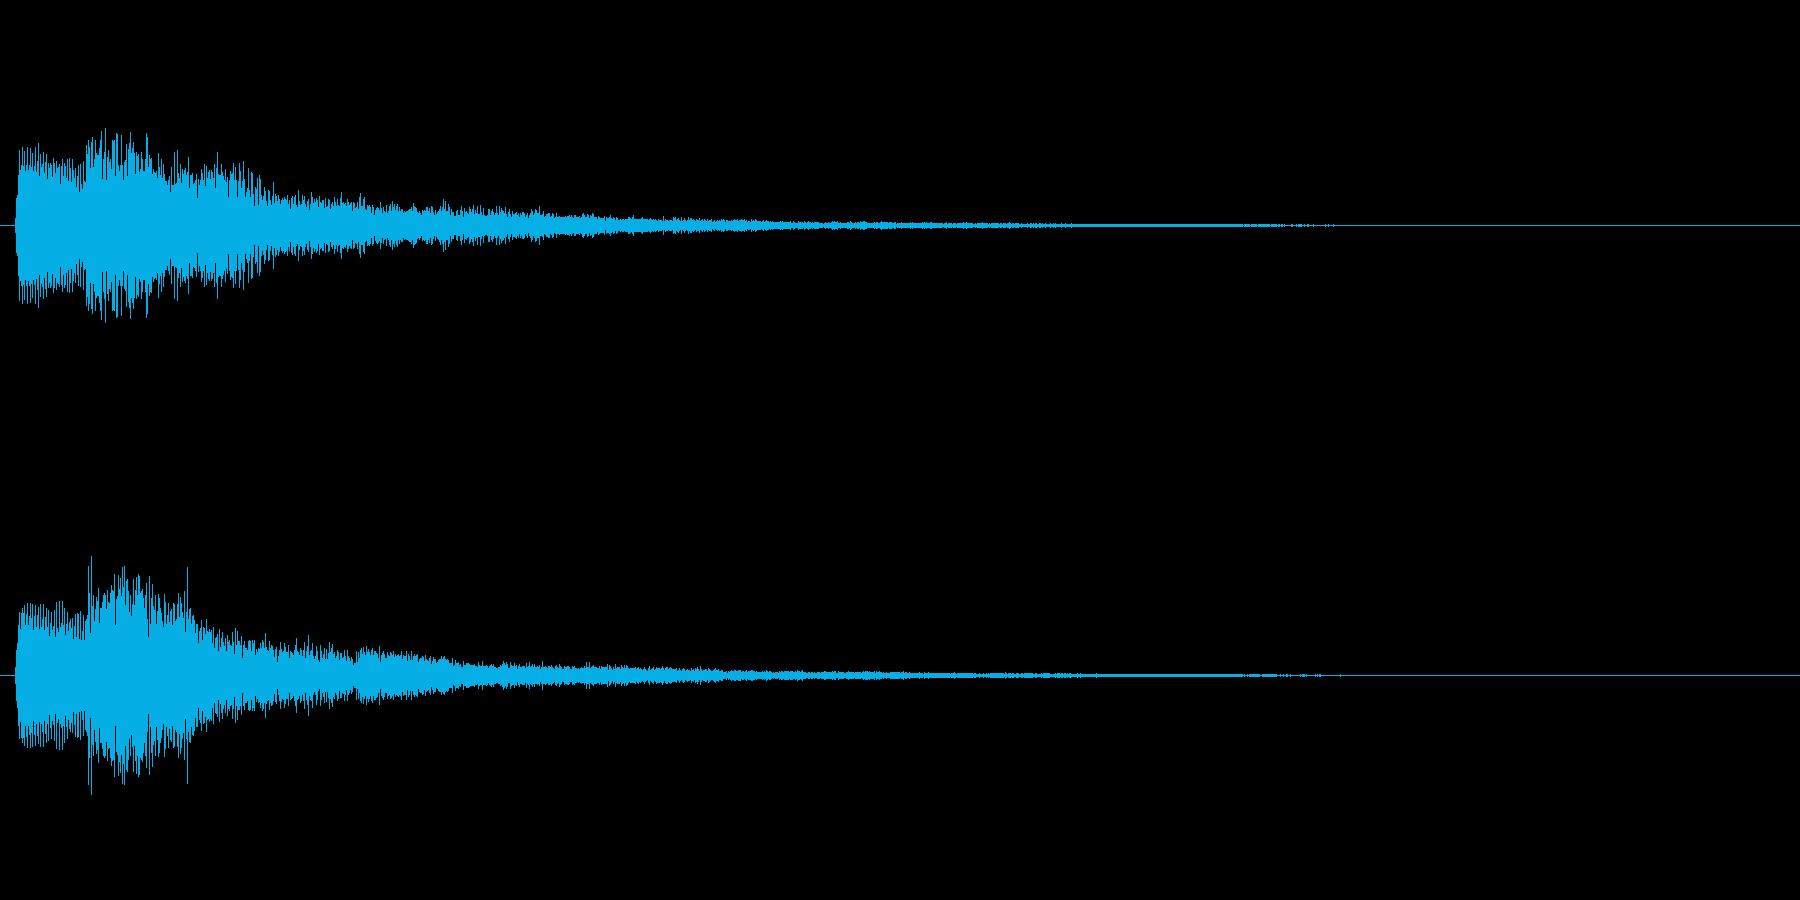 キャンセル音 いいえ、No、×等を想定の再生済みの波形